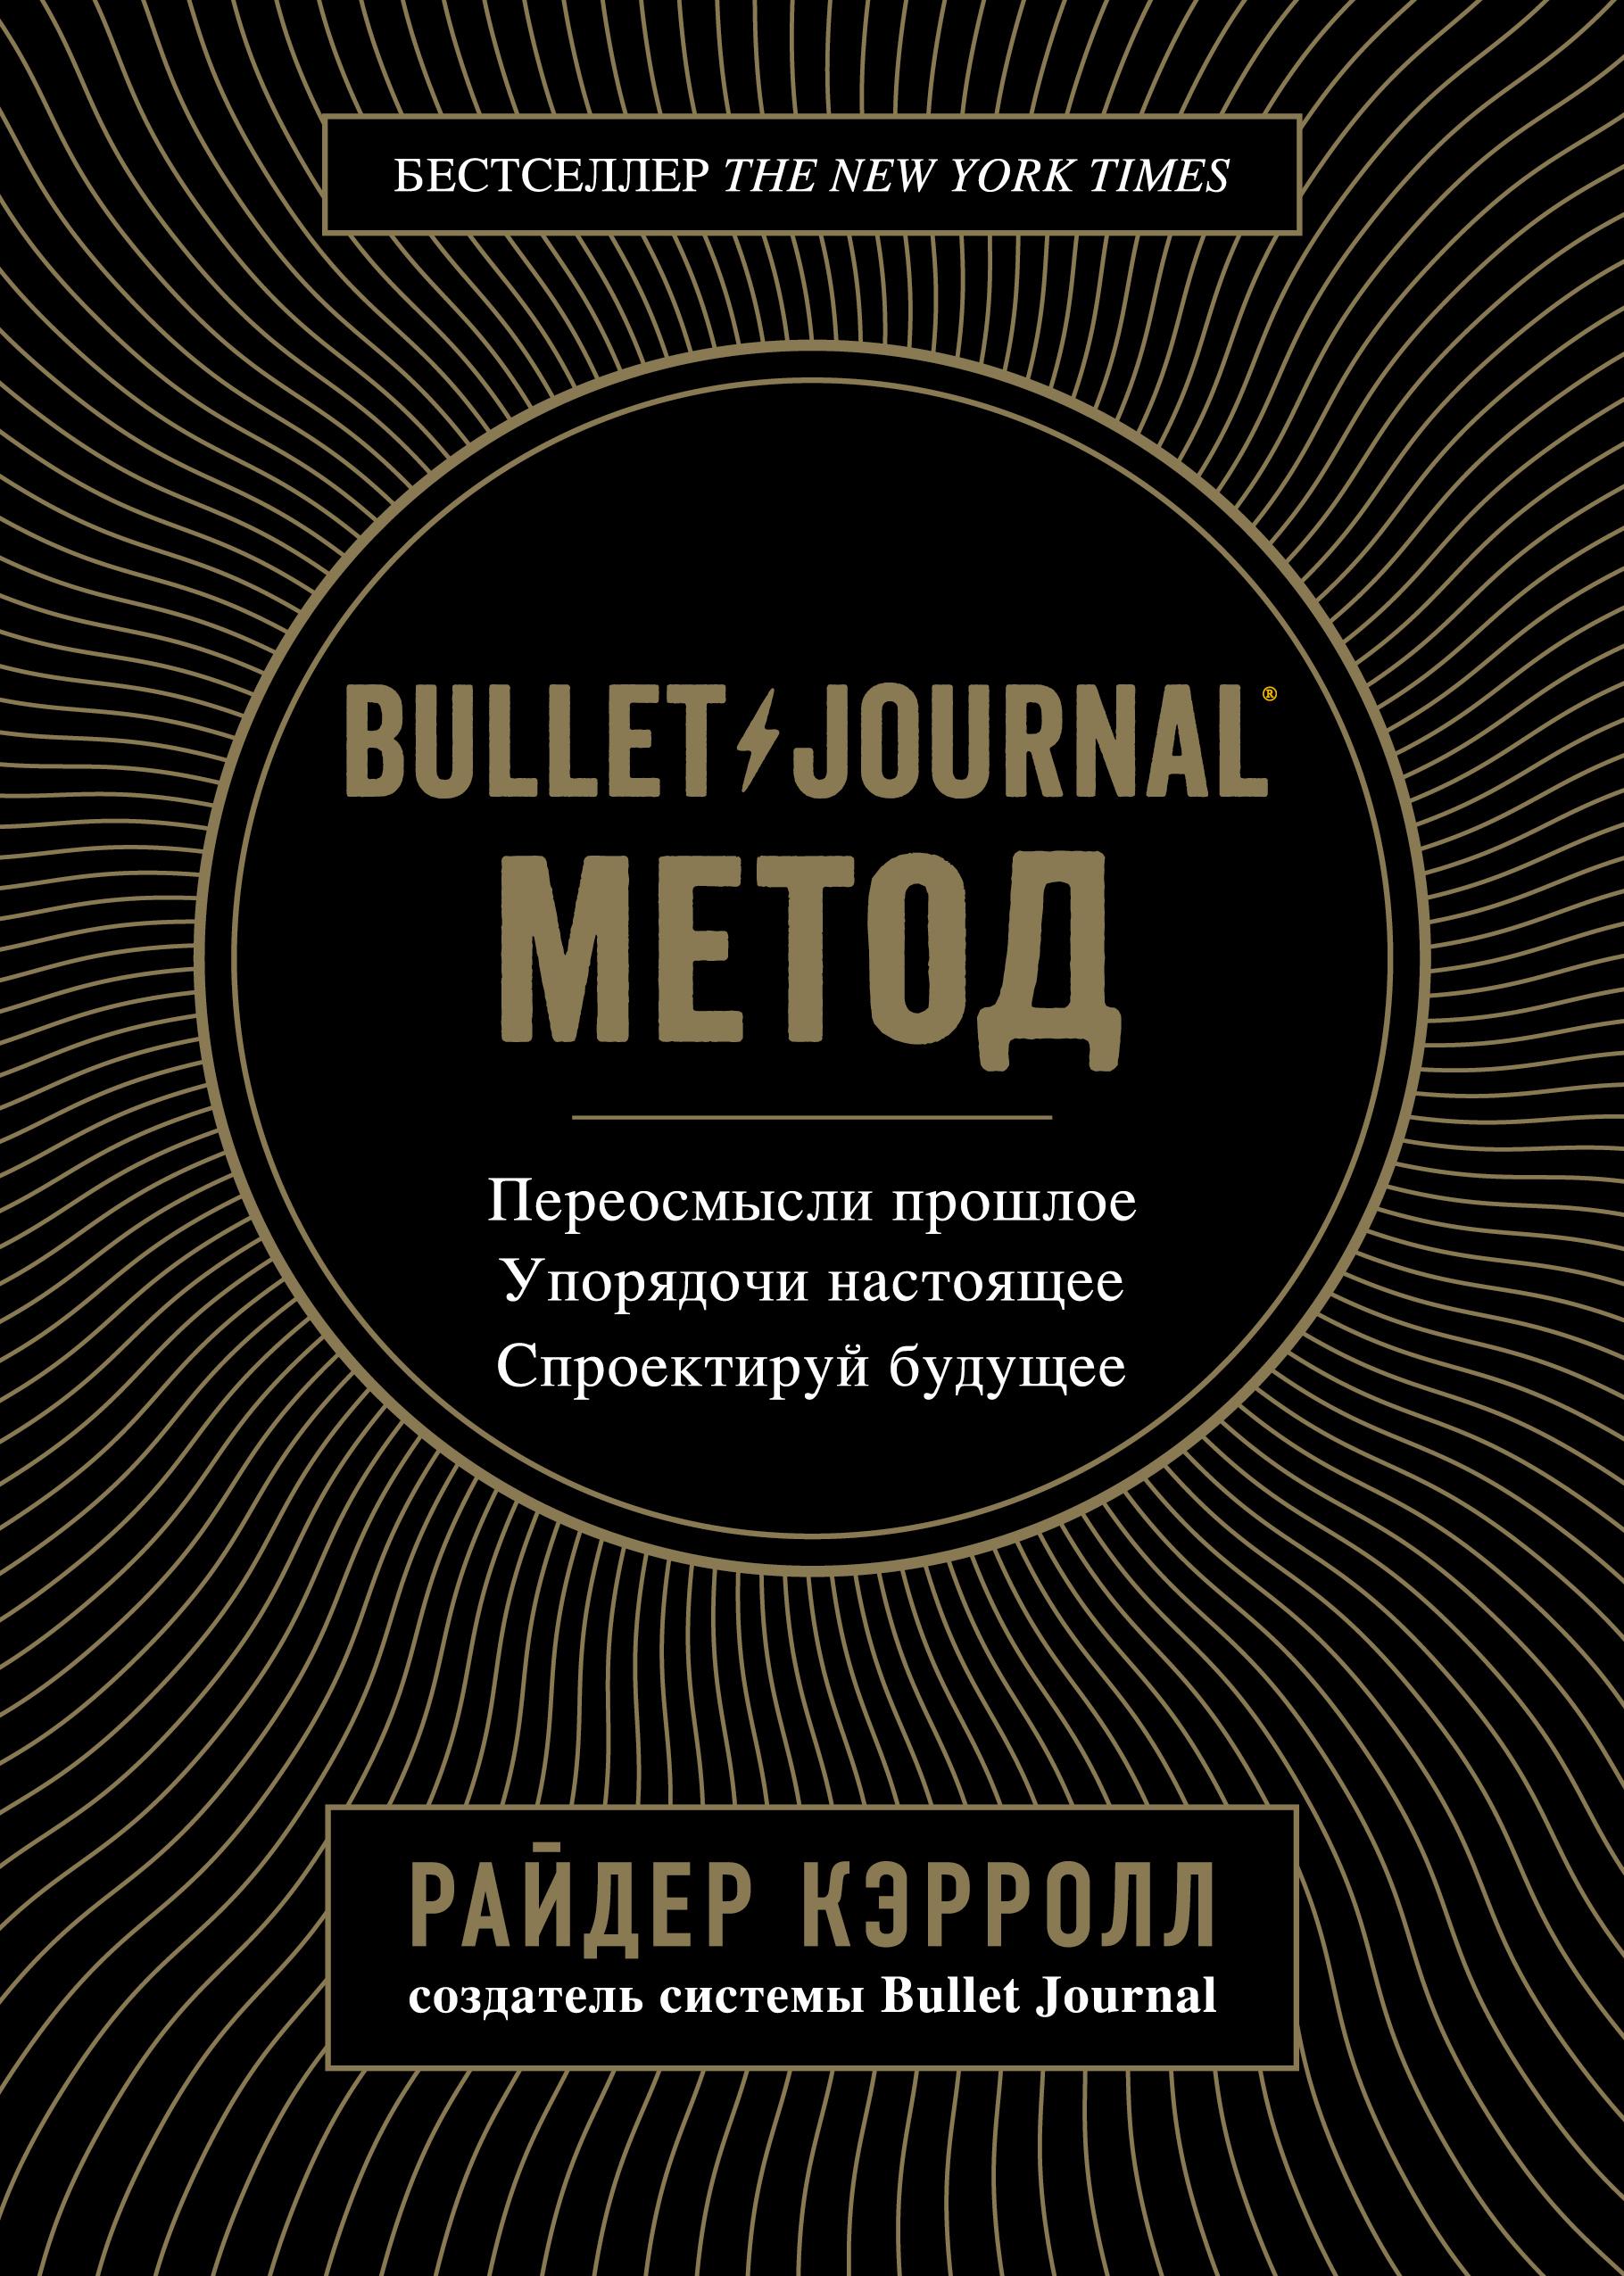 Райдер Кэрролл Bullet Journal метод аннибали дж тревожный мозг как успокоить мысли исцелить разум и вернуть контроль над собственной жизнью